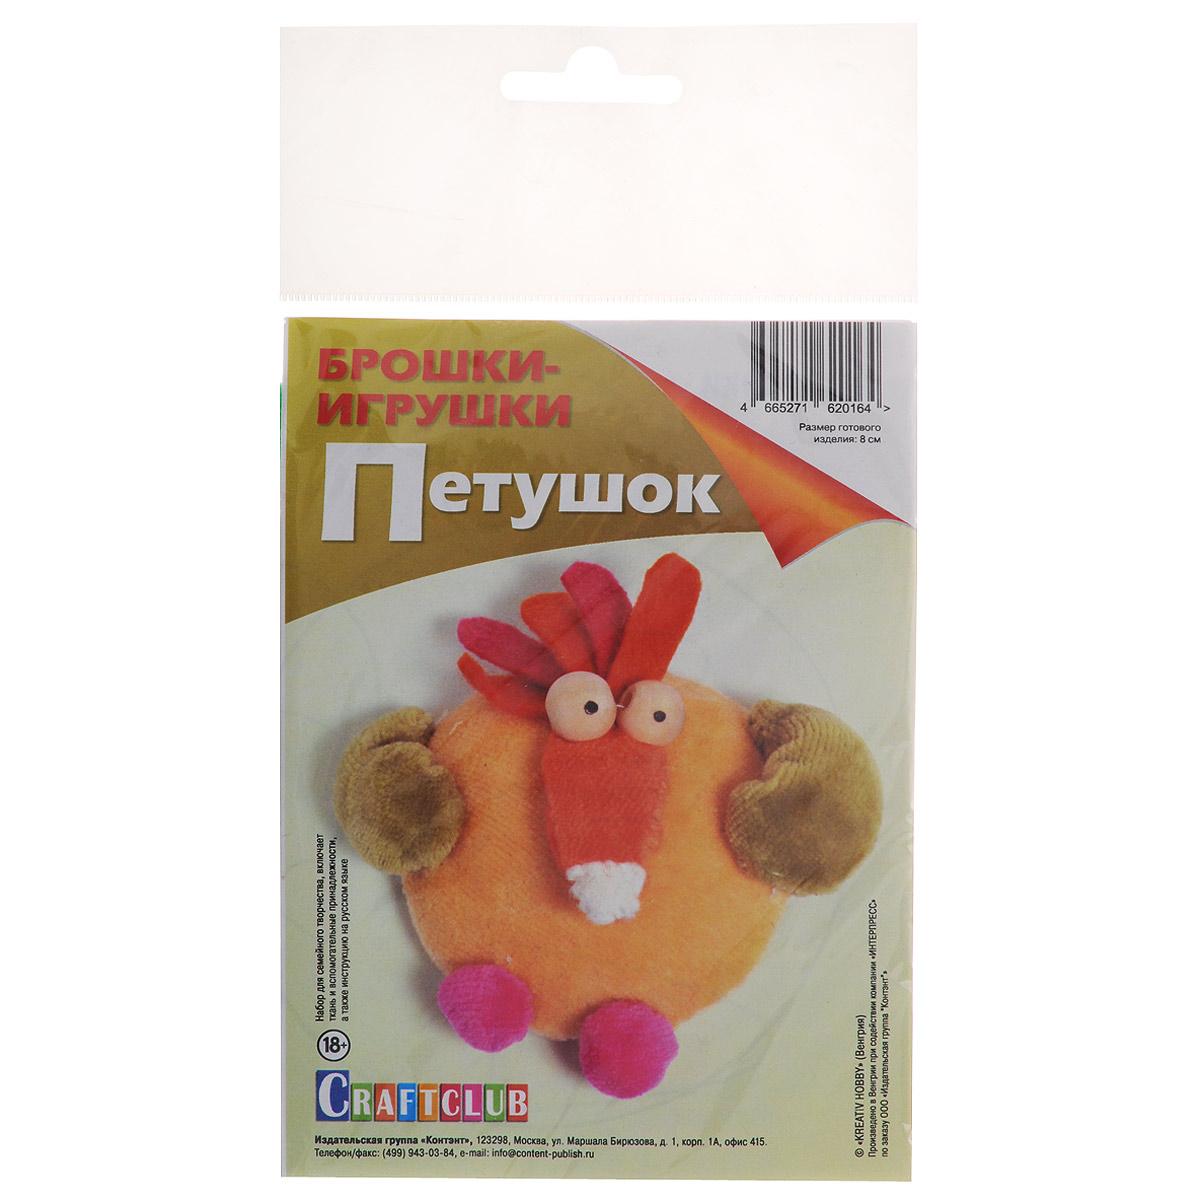 Набор для изготовления брошки-игрушки Craftclub Петушок, высота 8 см4665271620164Набор Craftclub Петушок позволит самостоятельно создать мягкую текстильную брошку-игрушку. В набор входит: - плюш; - фетр; - деревянные бусины (2 шт); - картон; - булавка; - выкройки; - инструкция на русском языке. Набор для изготовления текстильной брошки-игрушки подарит массу положительных эмоций. Наполнитель в комплект не входит. В качестве наполнителя подойдет синтепух. Высота готового изделия: 8 см.